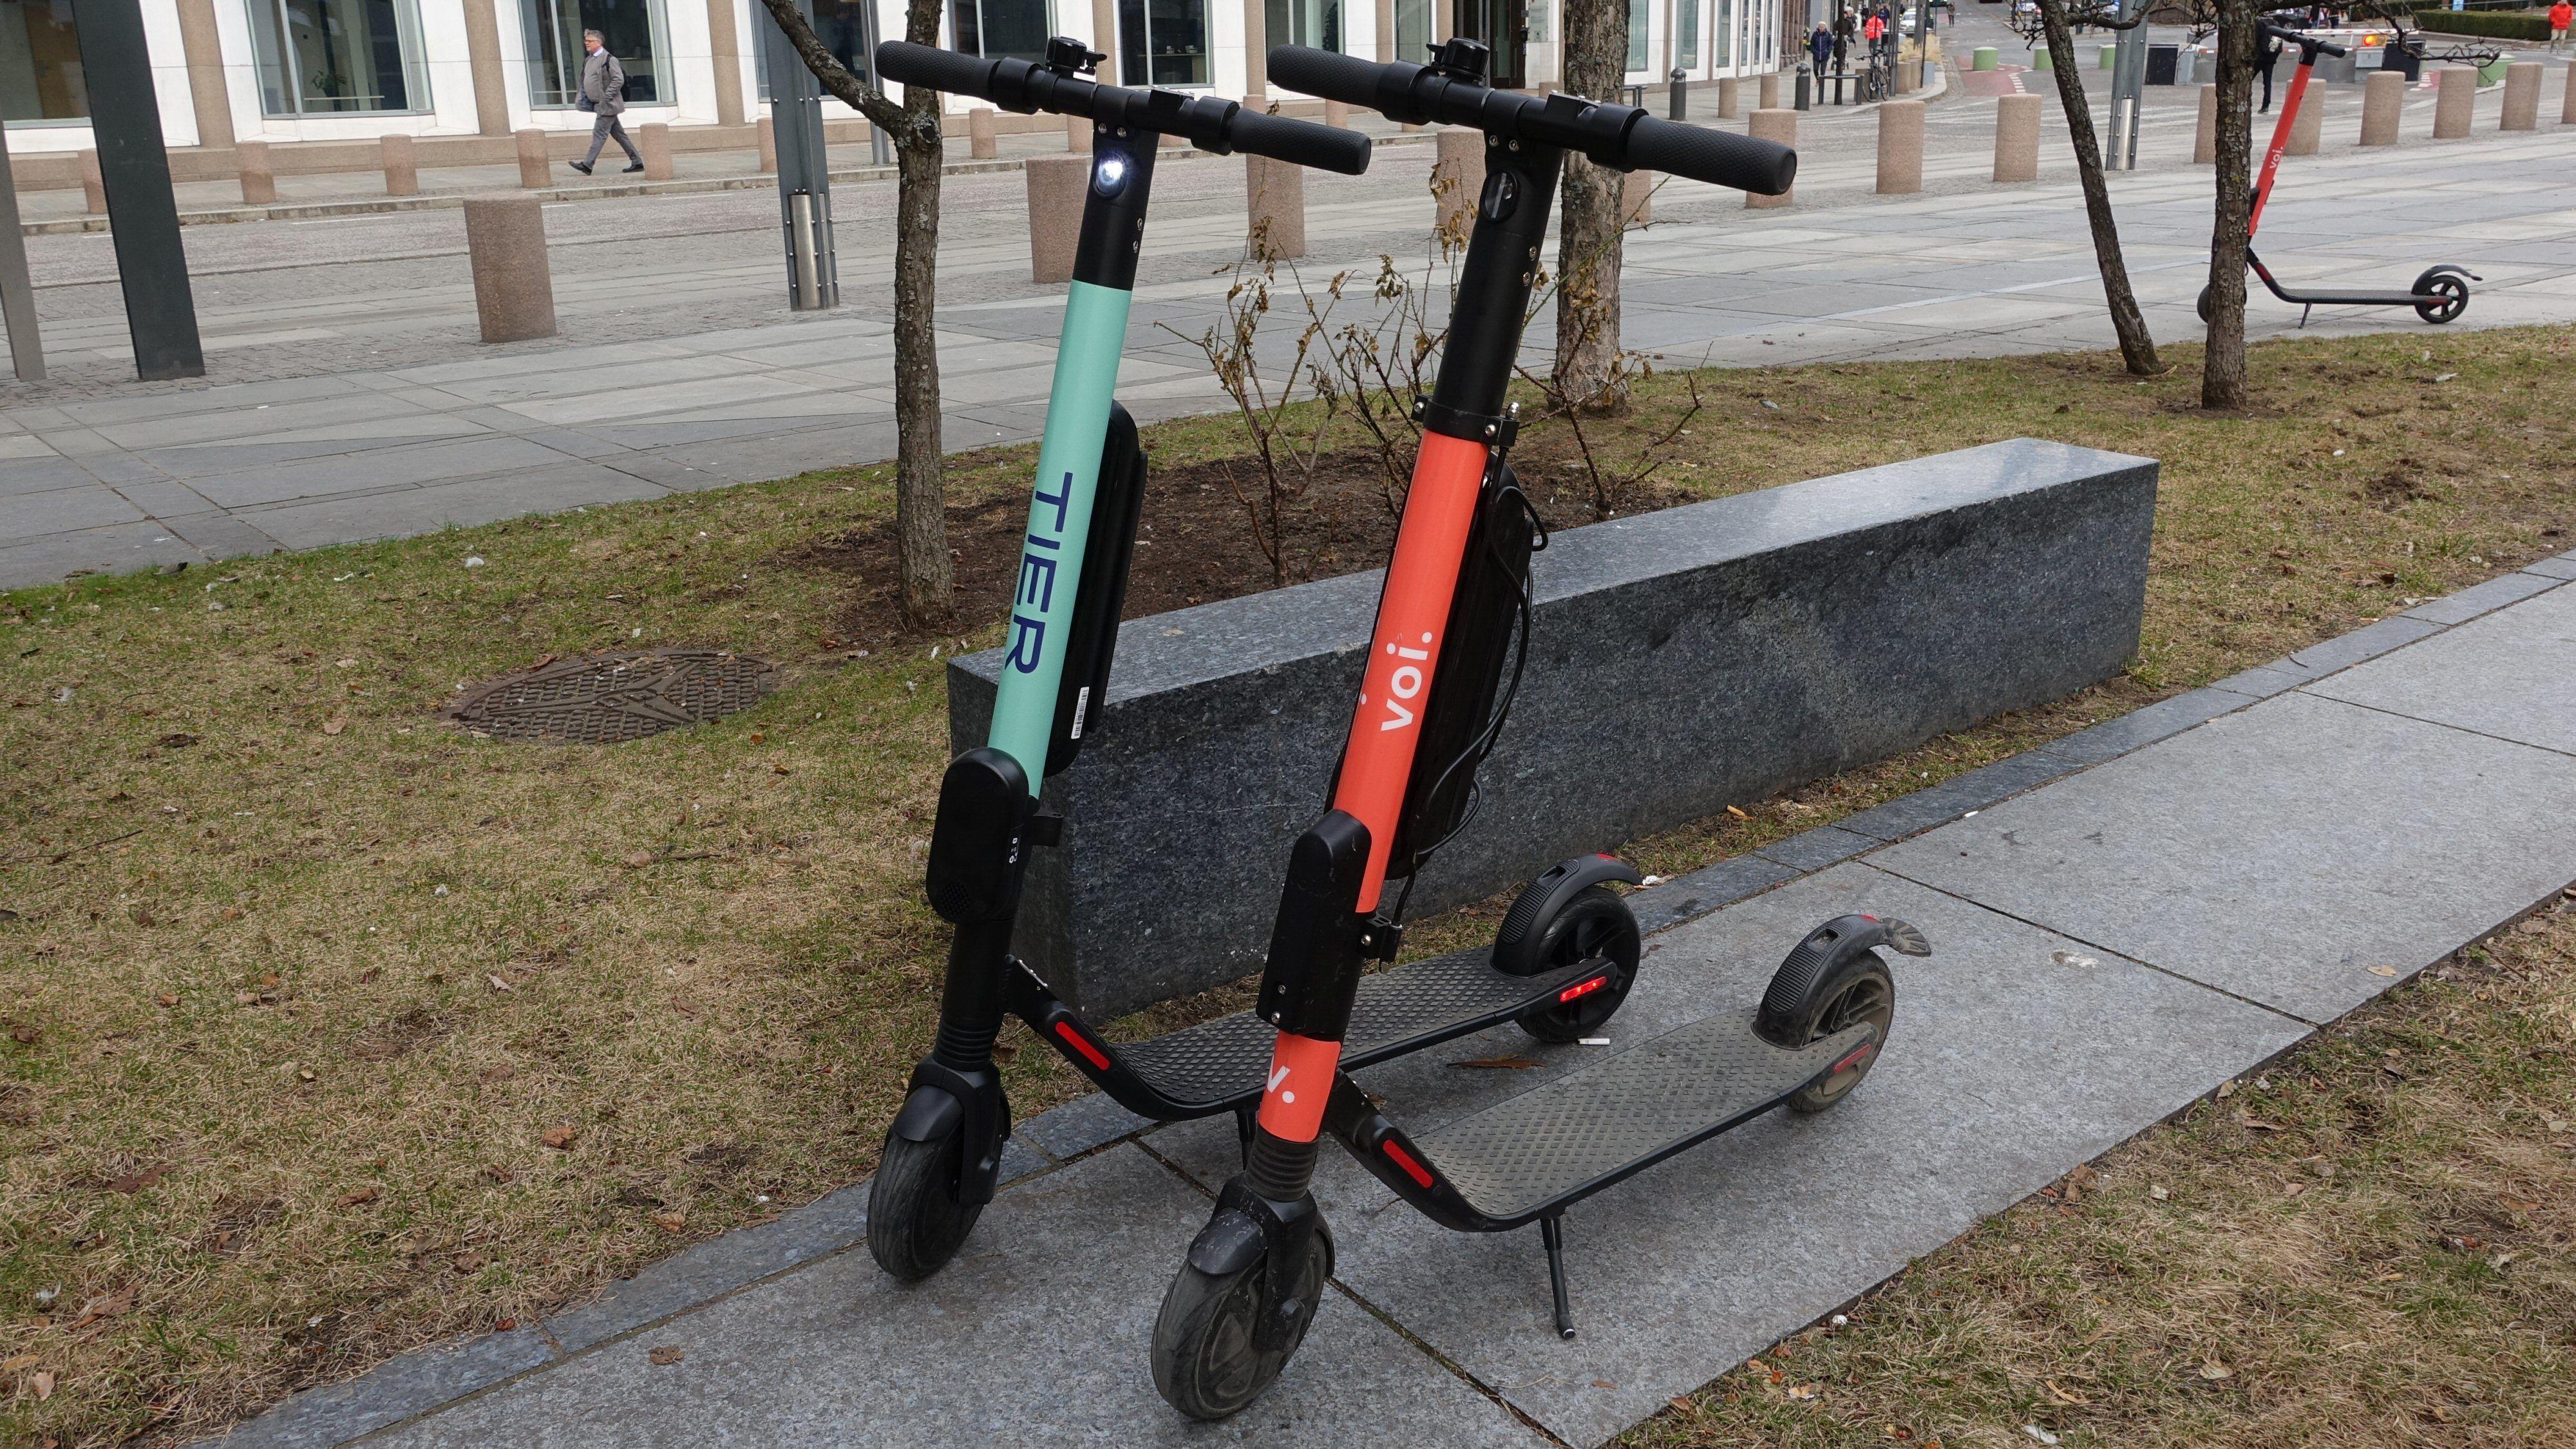 Tier og Voi var de første som startet utleie i Oslo. Tier er fortsatt den billigste tilbyderen.